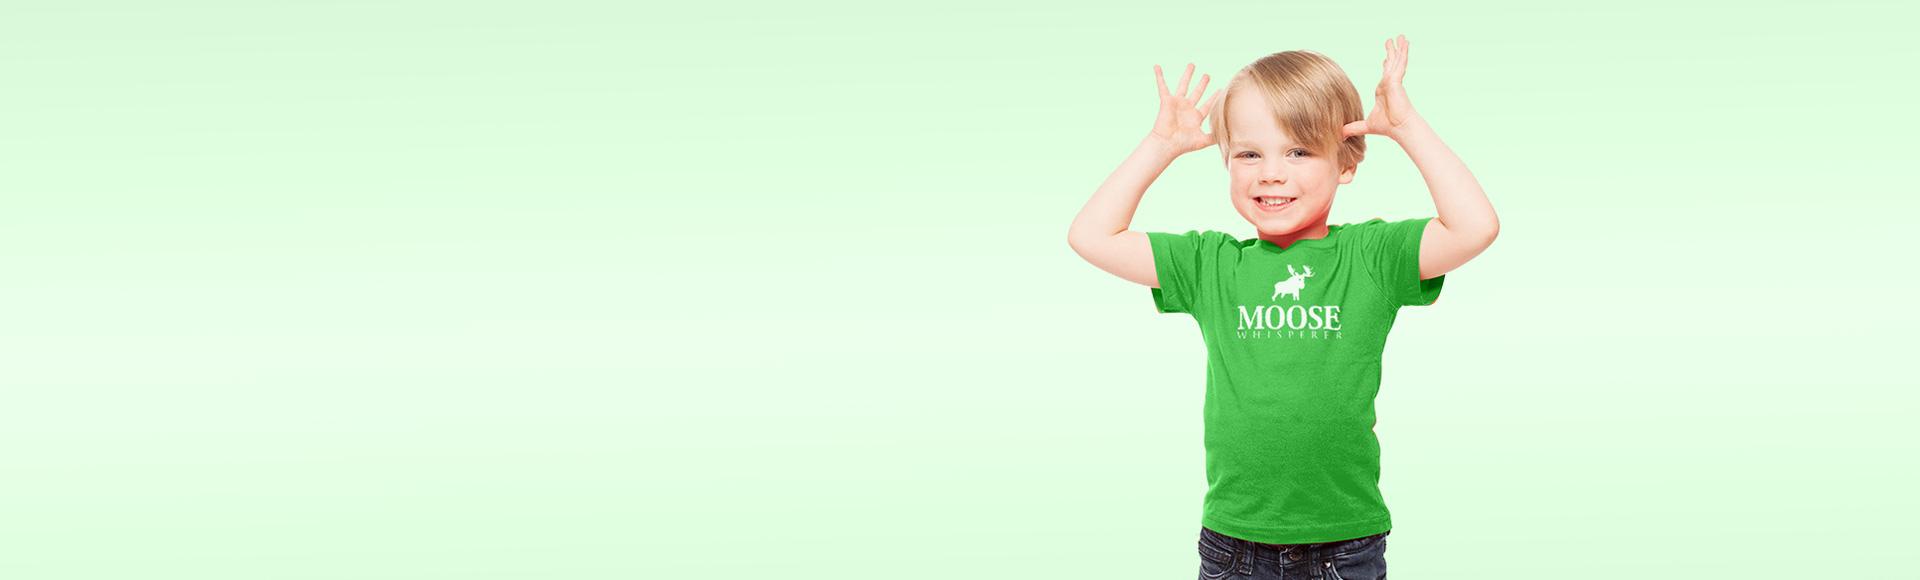 ricky colson kids tshirts